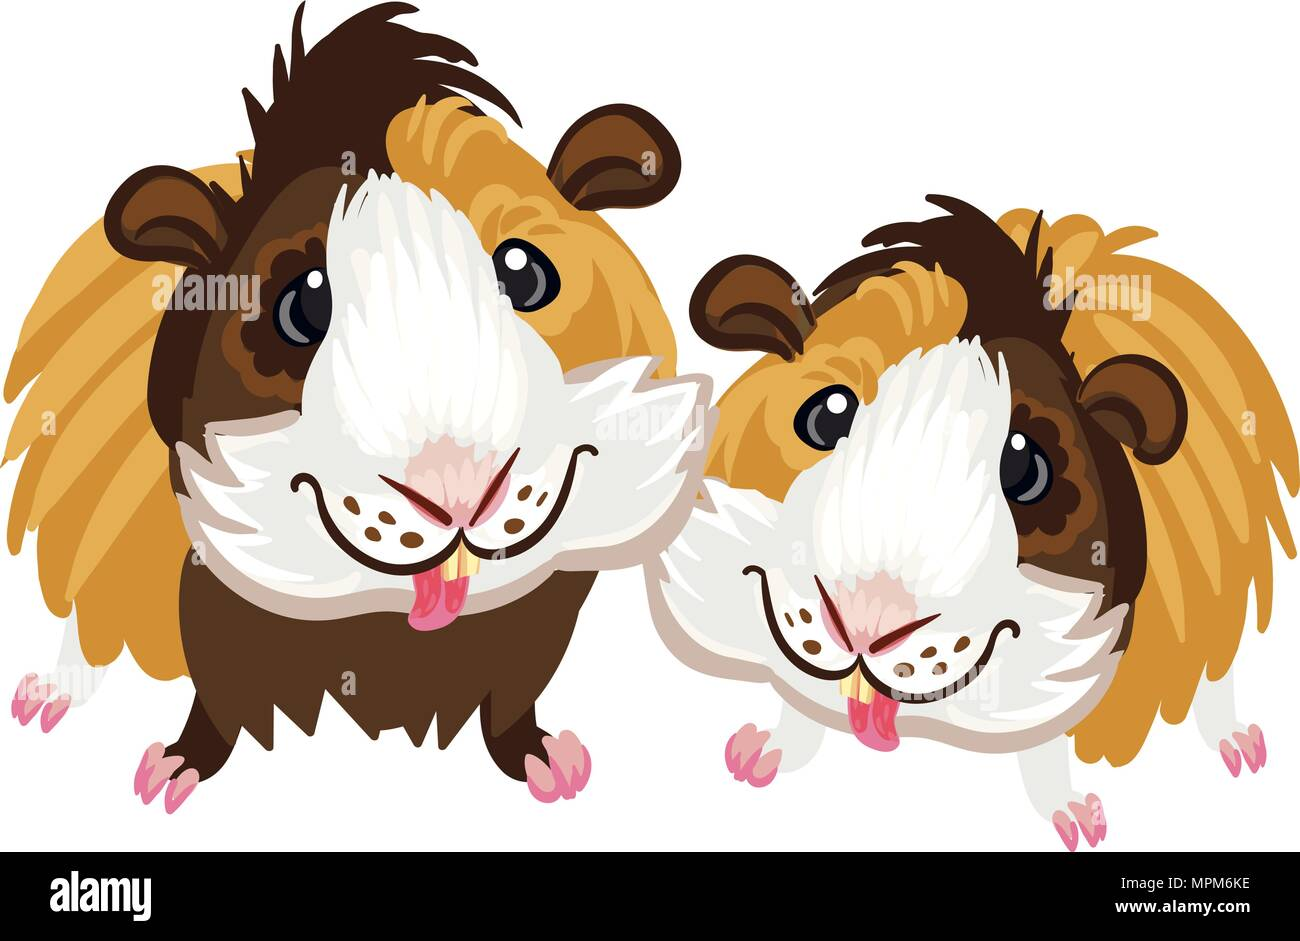 Guinea pig little cute homemade cartoon fun art piggy clipart - Stock Vector